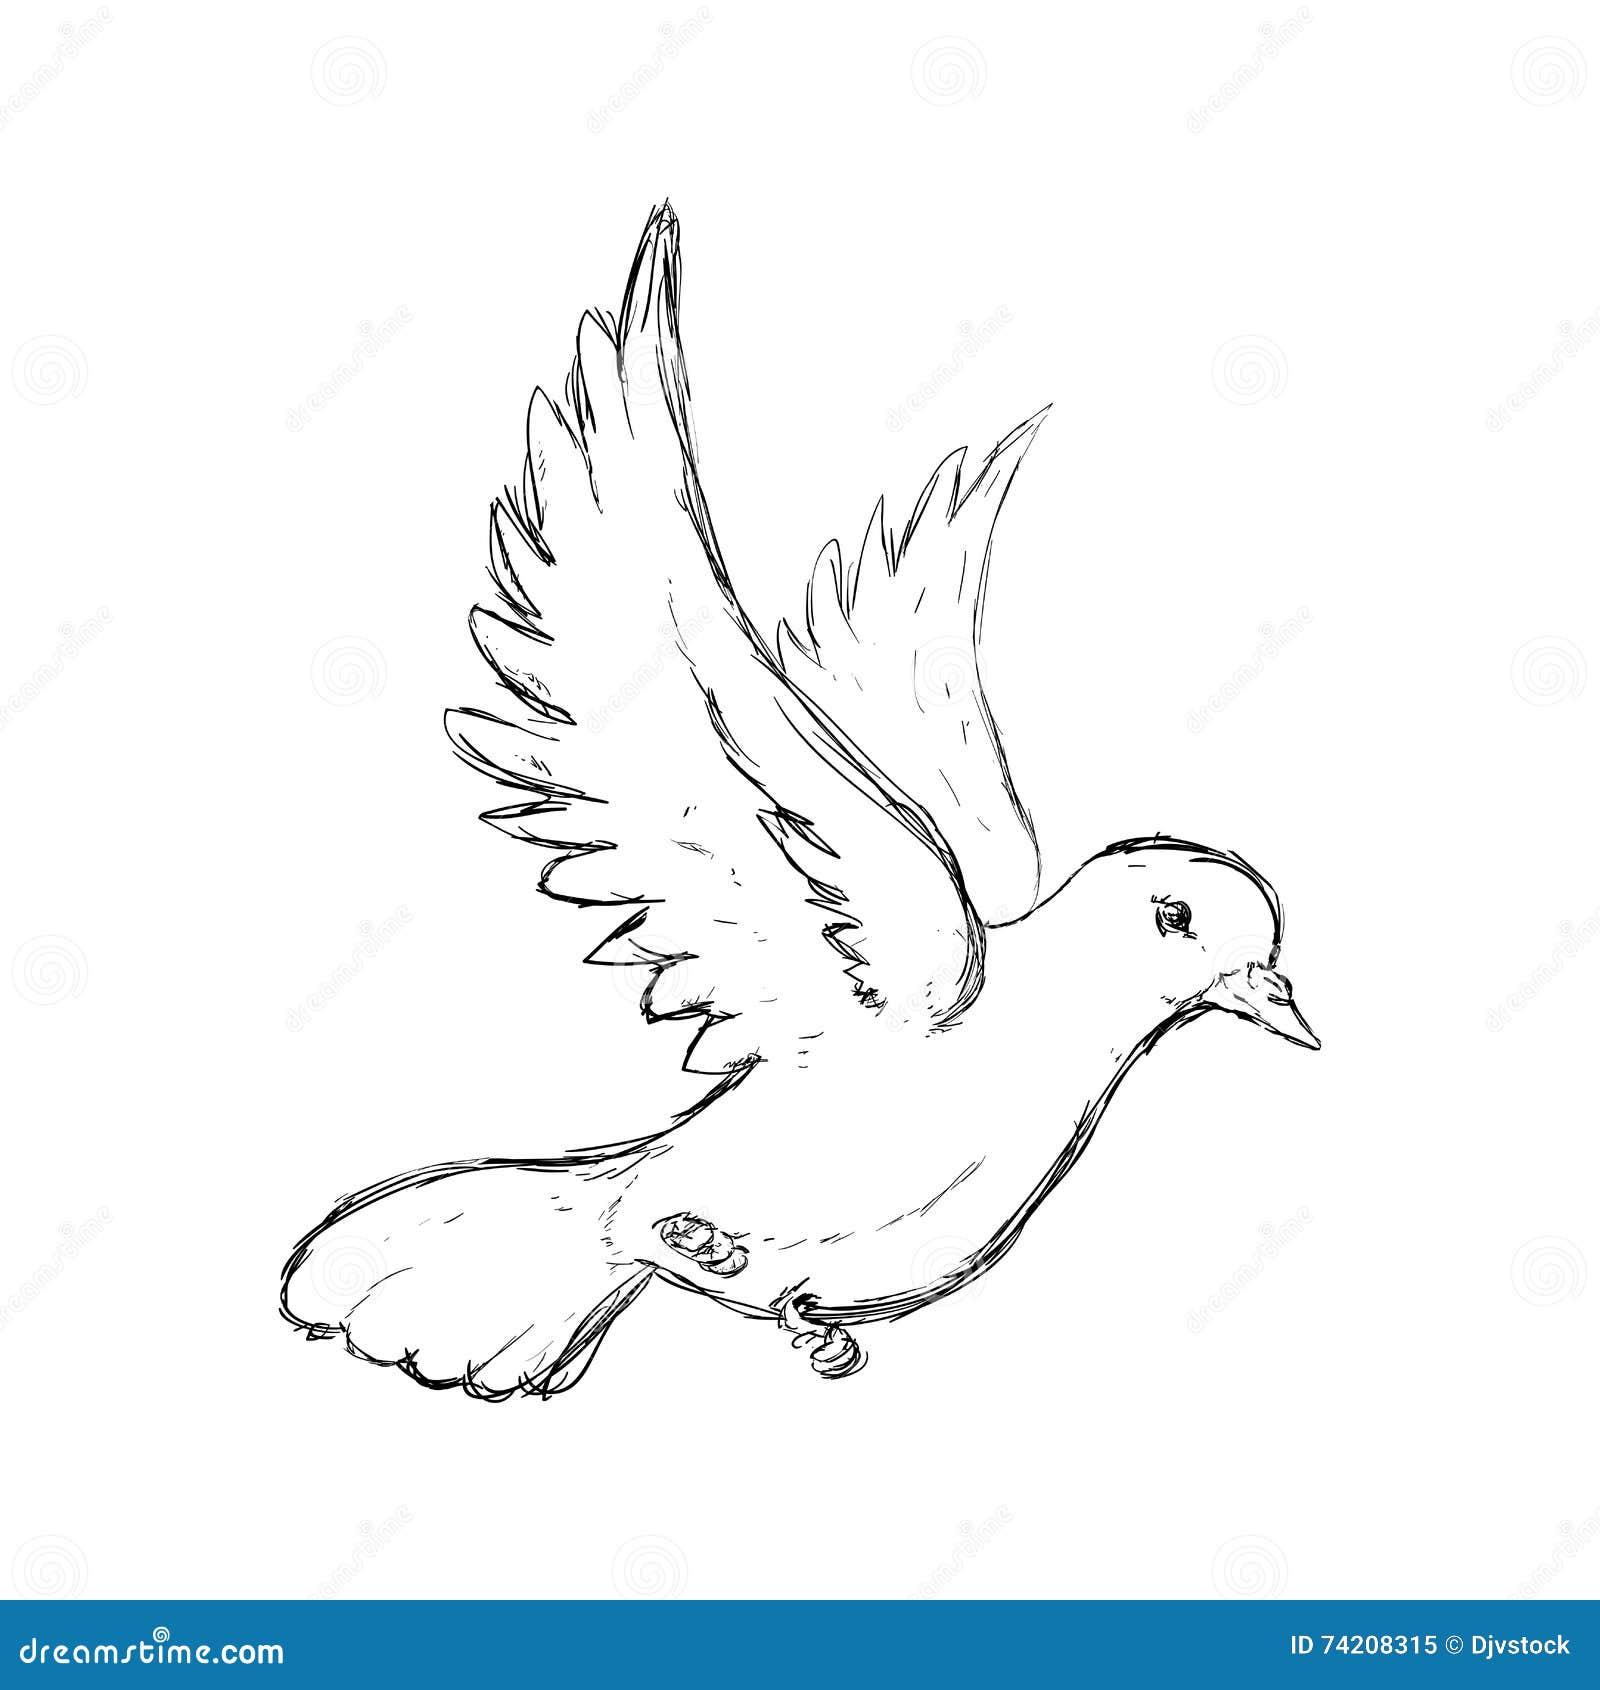 Icone De Colombe Conception D Oiseau Et De Paix Dessin De Vecteur Illustration De Vecteur Illustration Du Dessin Icone 74208315